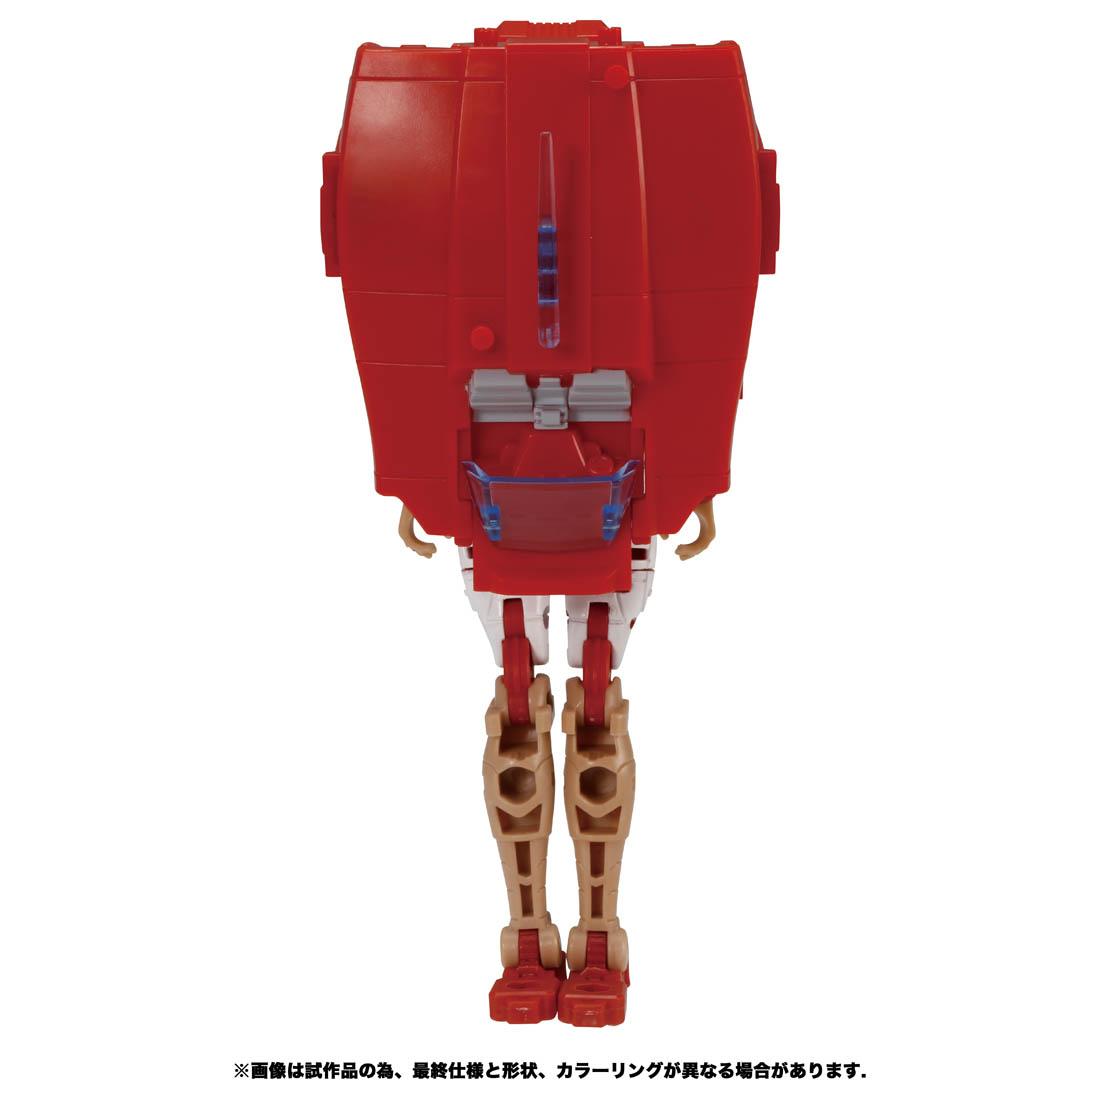 トランスフォーマー ウォーフォーサイバトロン『WFC-10 エリータ-1』可変可動フィギュア-005